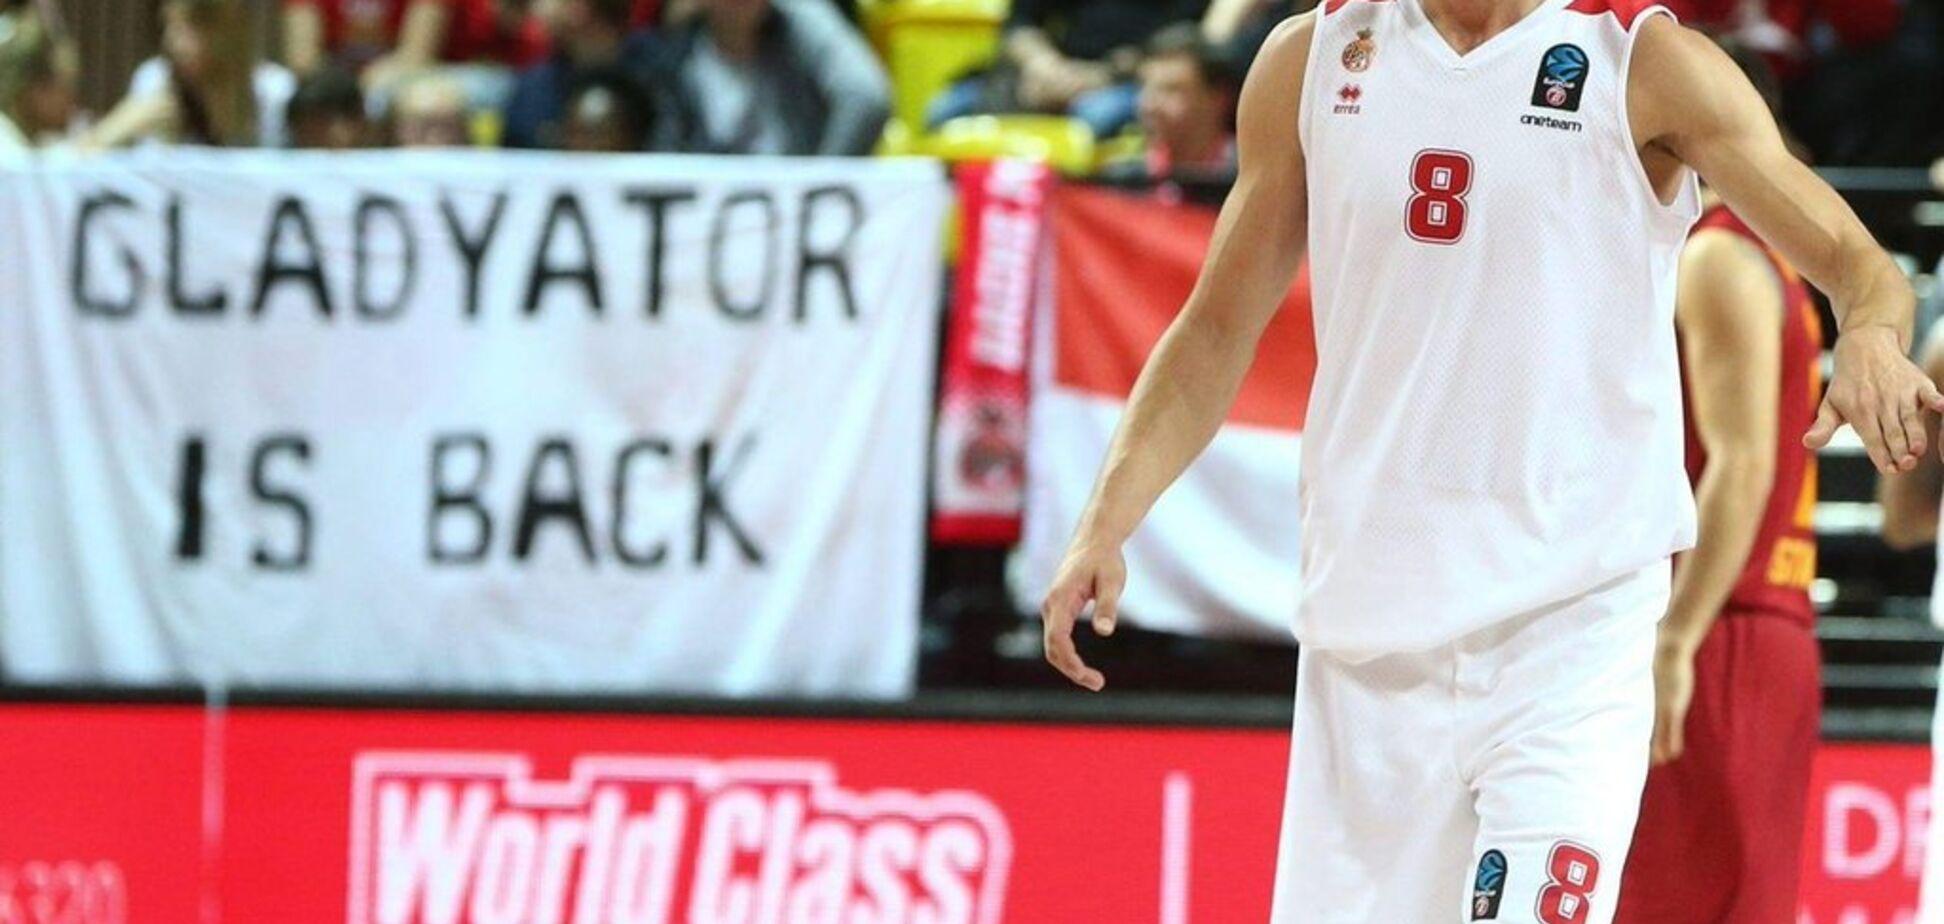 ''Gladyator is back'': баскетболіст збірної України викликав фурор у Франції